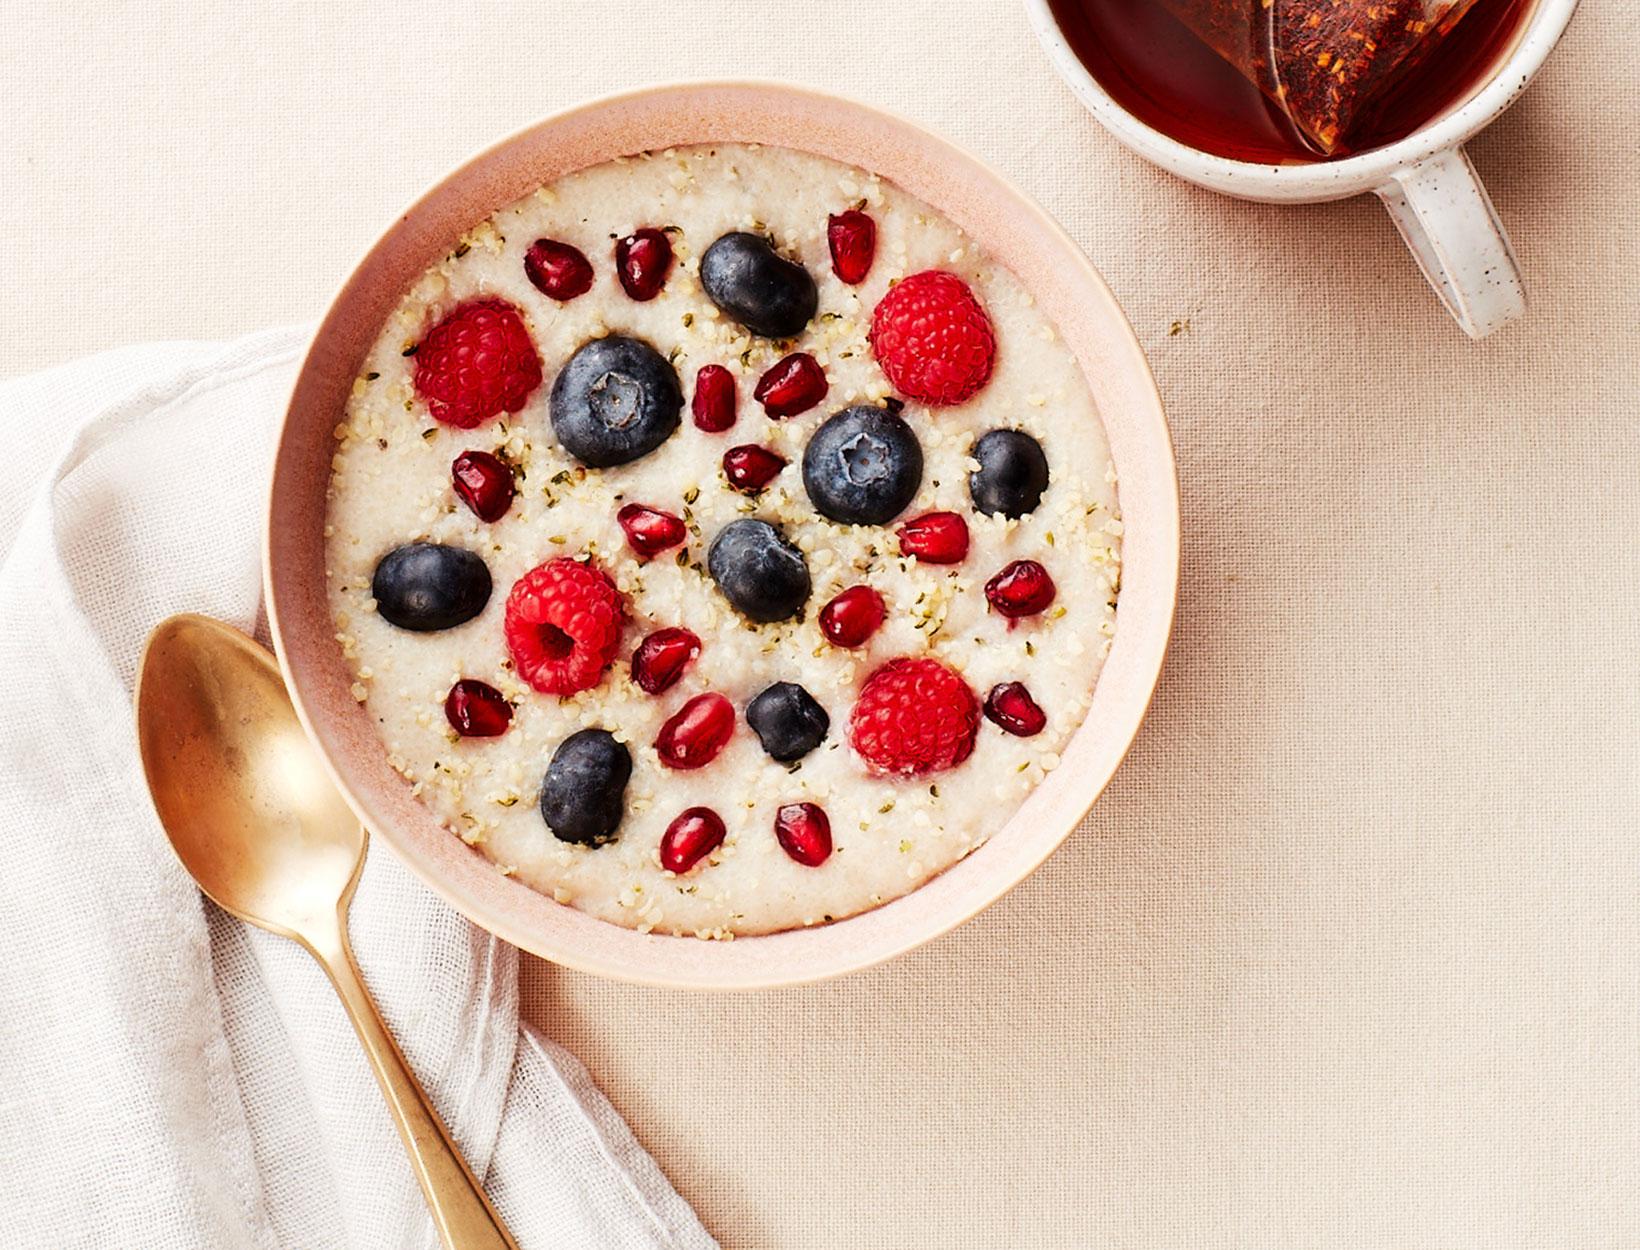 Creamy Fonio Porridge with Berries